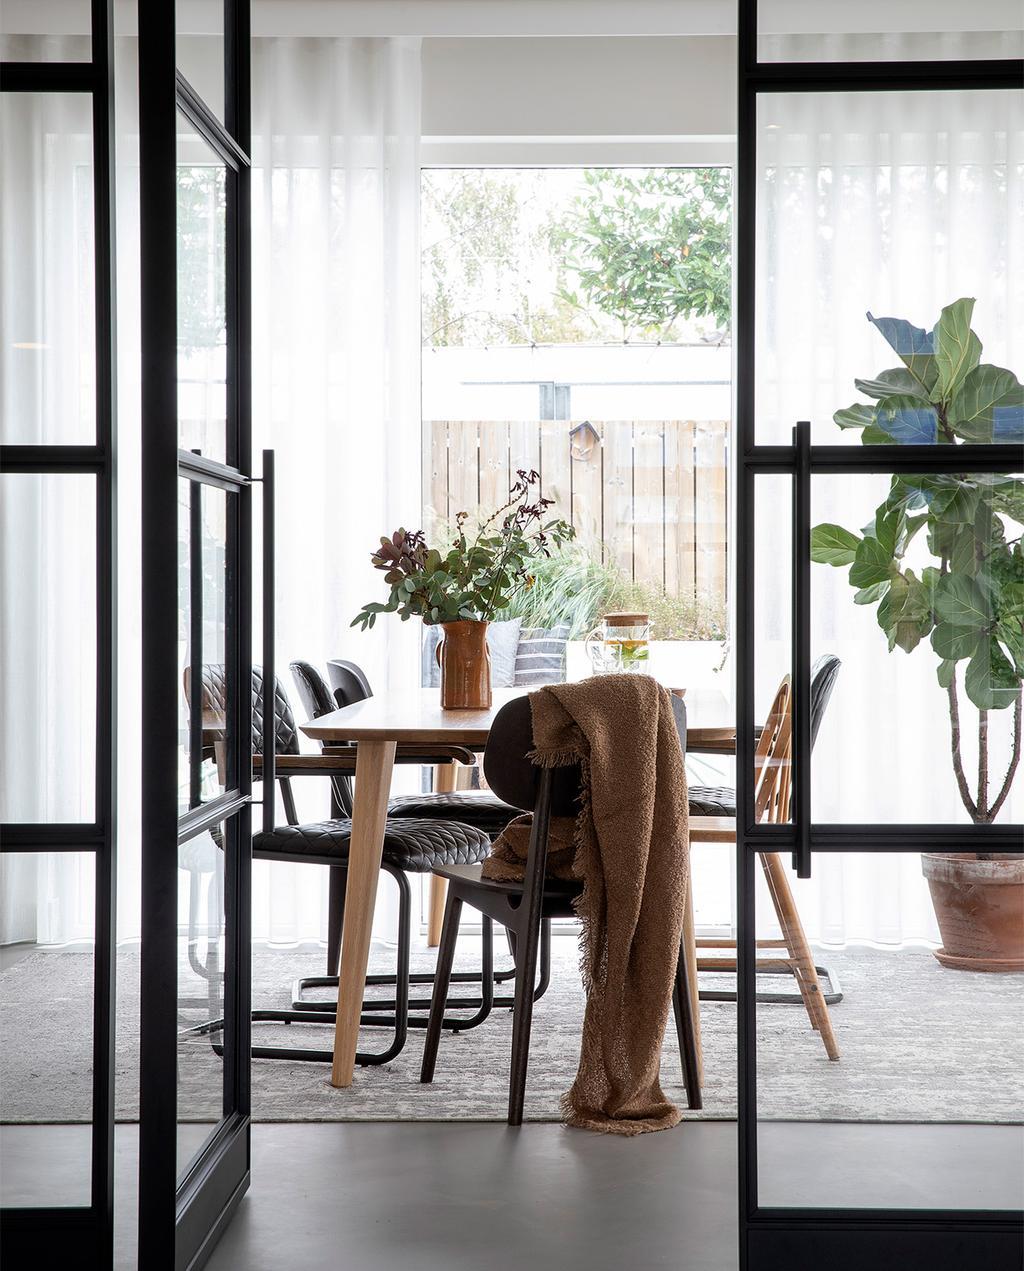 vtwonen 08-2021 | zwarte deur bij eetkamer met houten tafel en stoelen